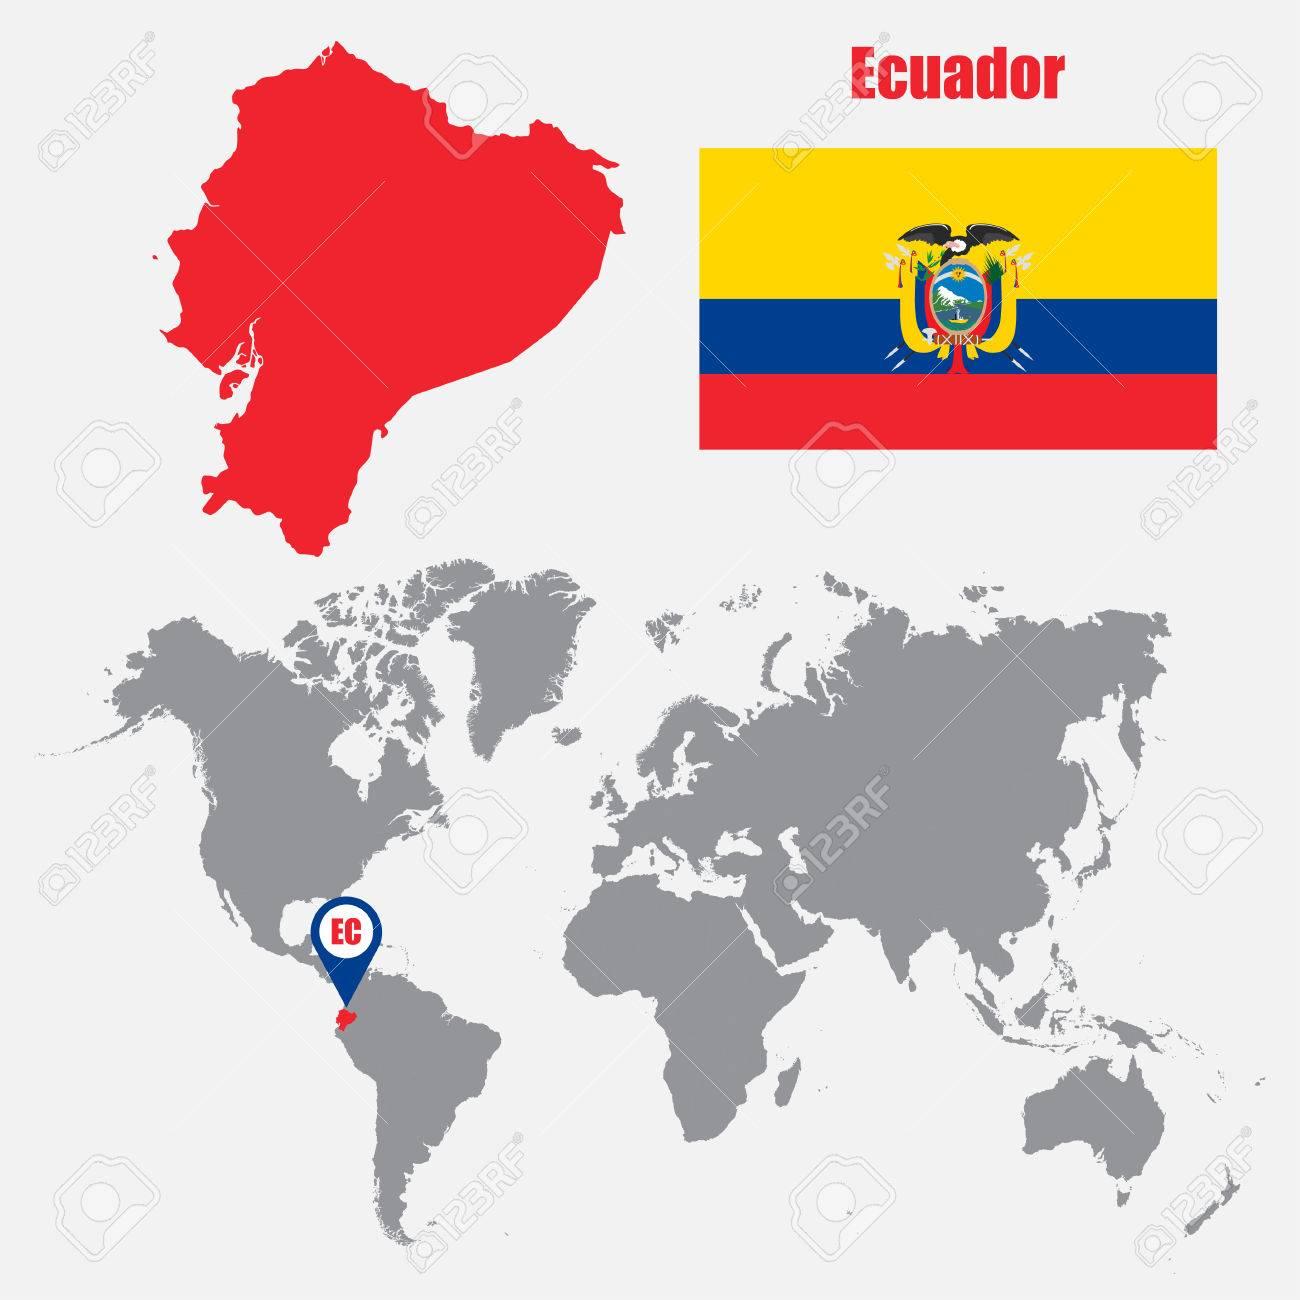 Ecuador Mapa Del Mundo.Mapa De Ecuador En Un Mapa Del Mundo Con La Bandera Y El Puntero Del Mapa Ilustracion Vectorial Ilustraciones Vectoriales Clip Art Vectorizado Libre De Derechos Image 62045534